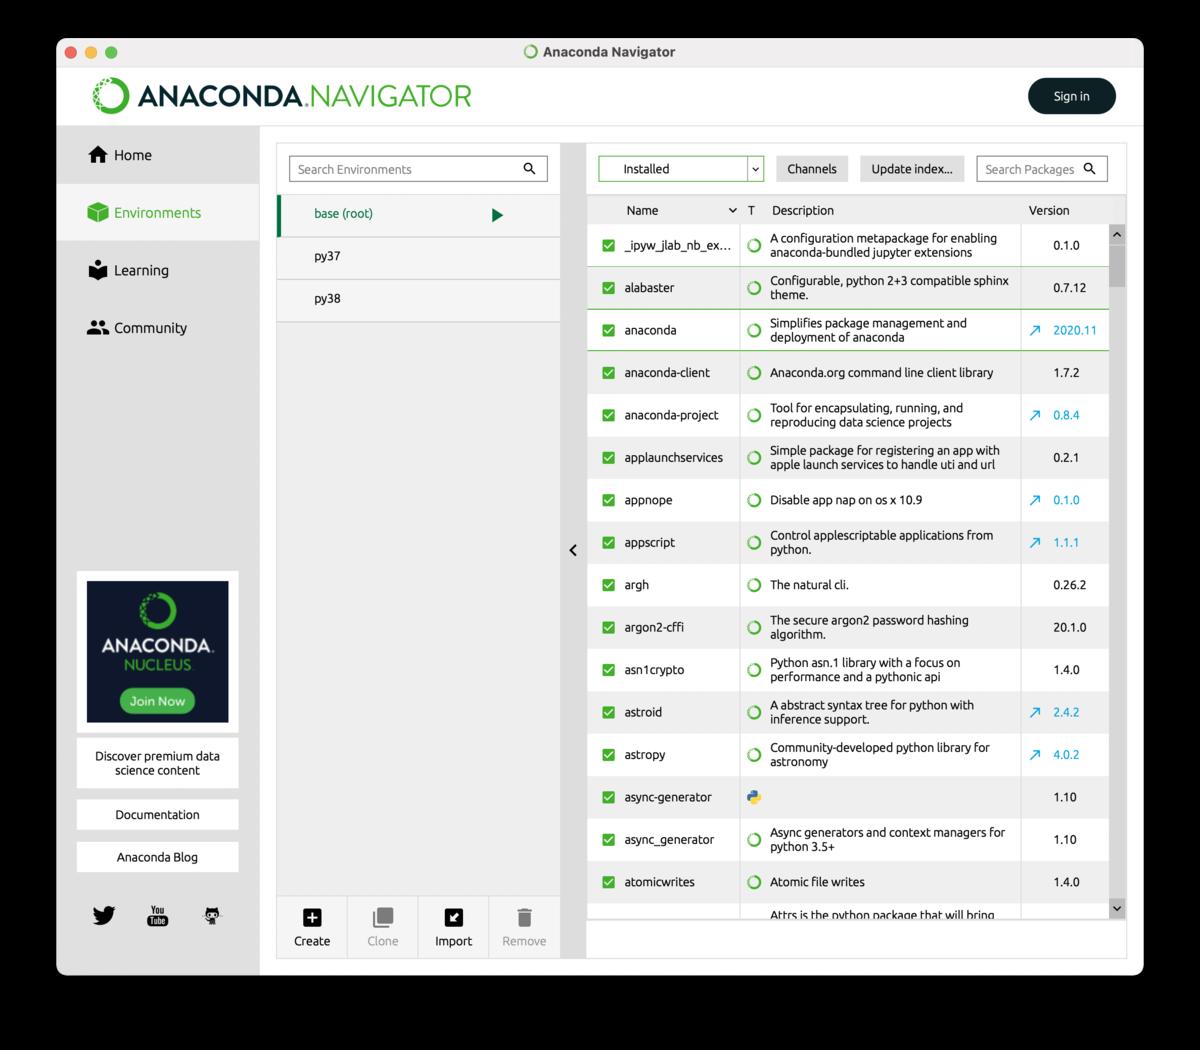 Anaconda-NavigatorのEnvironments画